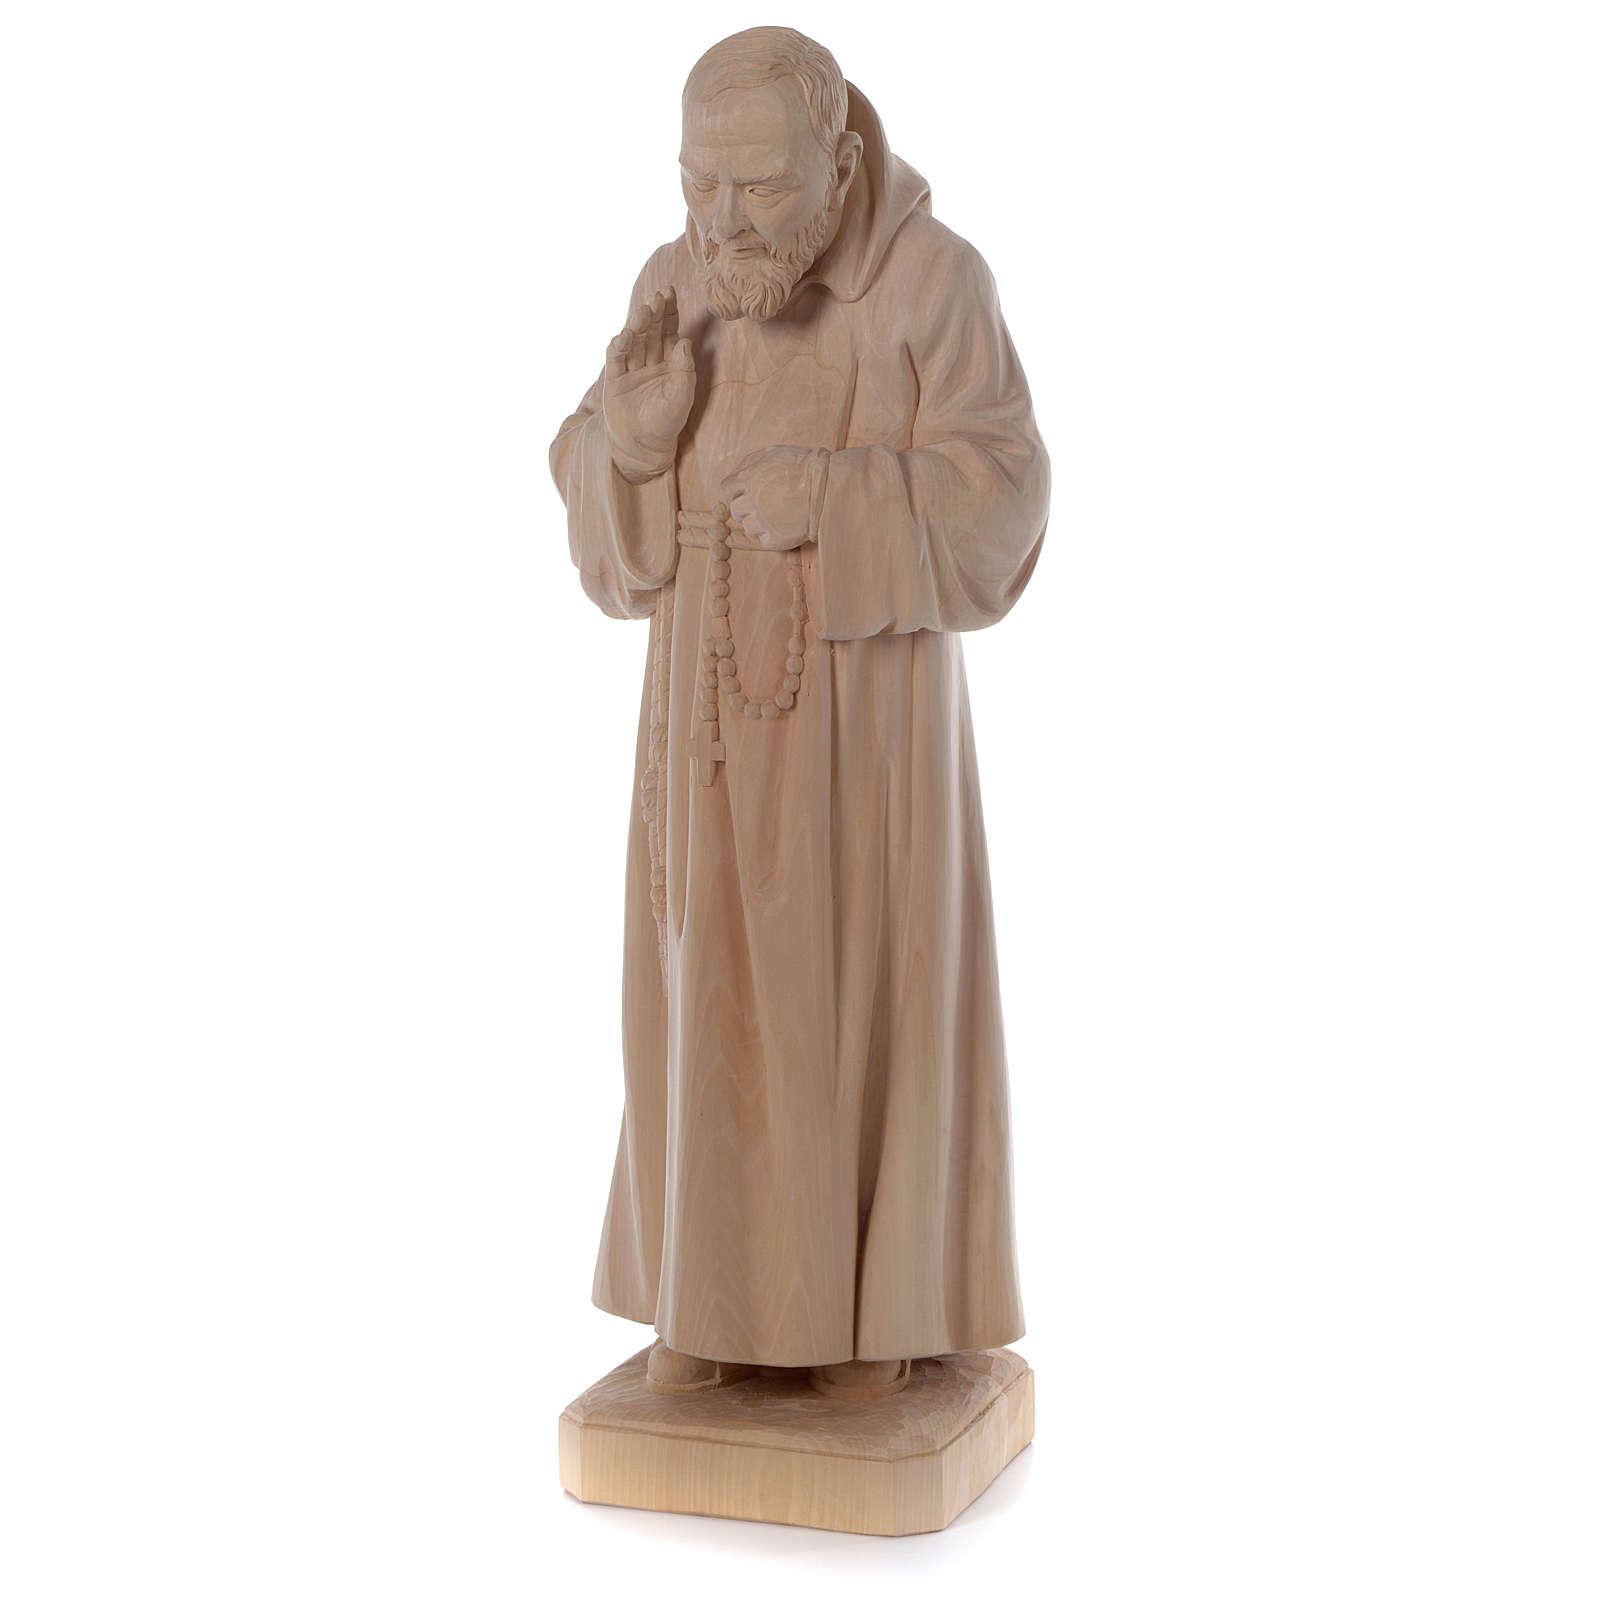 Statue Padre Pio aus Naturholz Grödnertal-Schnitzerei 4